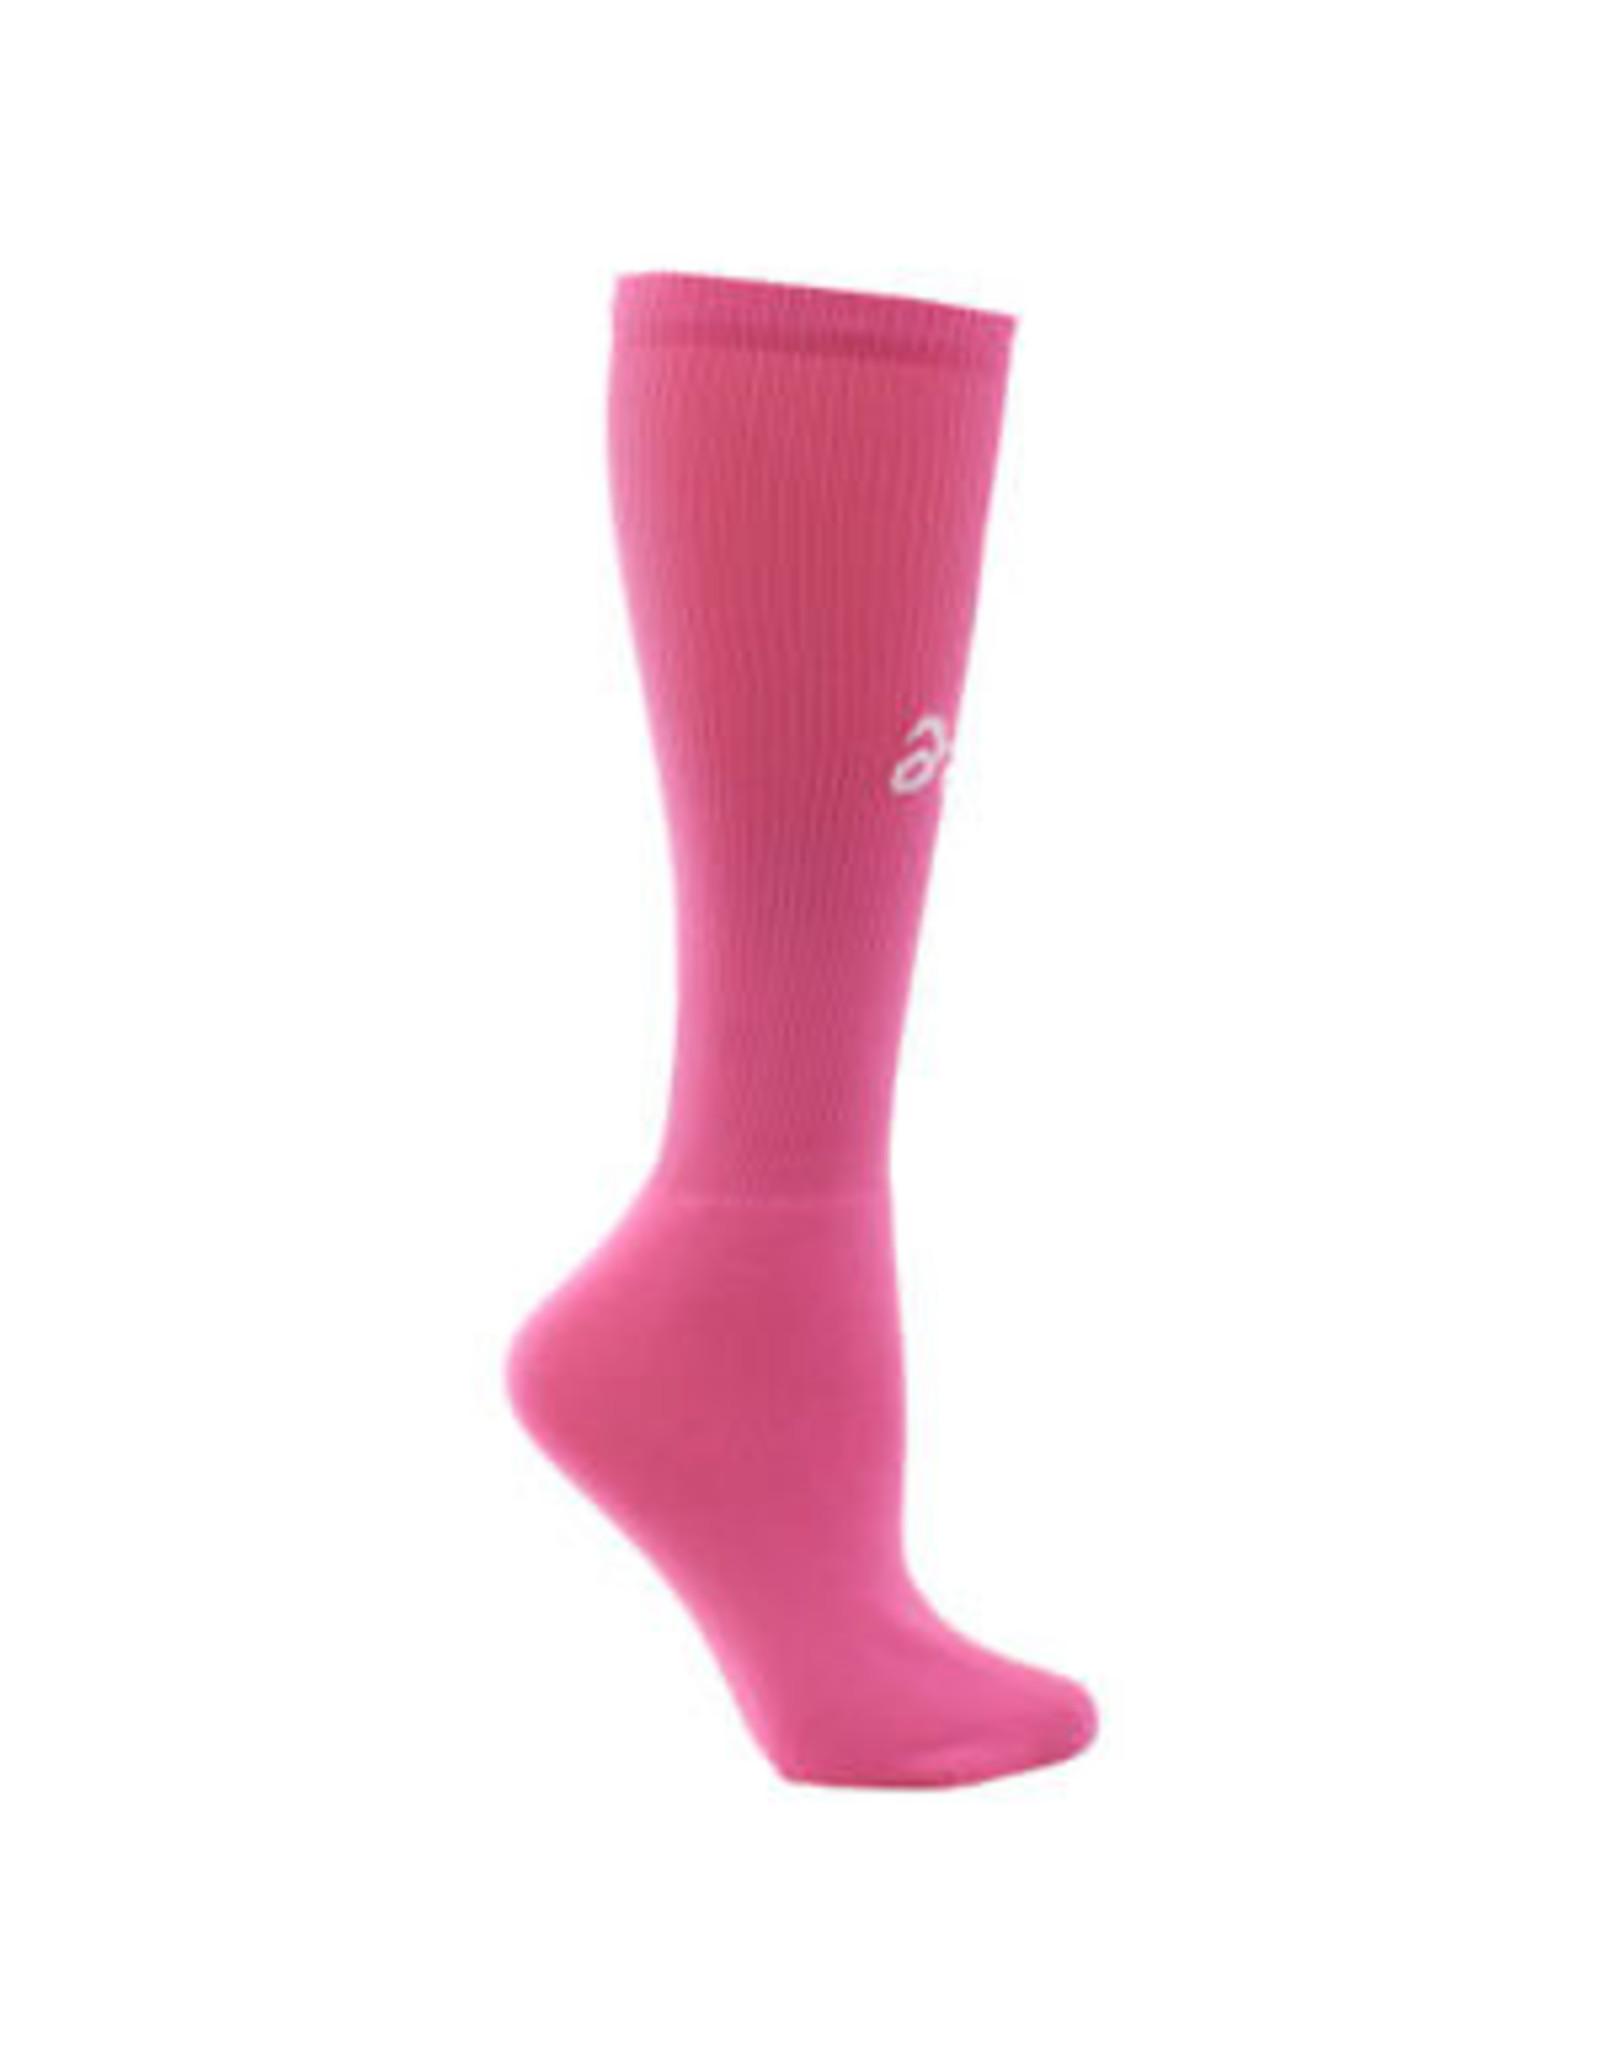 ASICS All Sport Court Knee High Socks